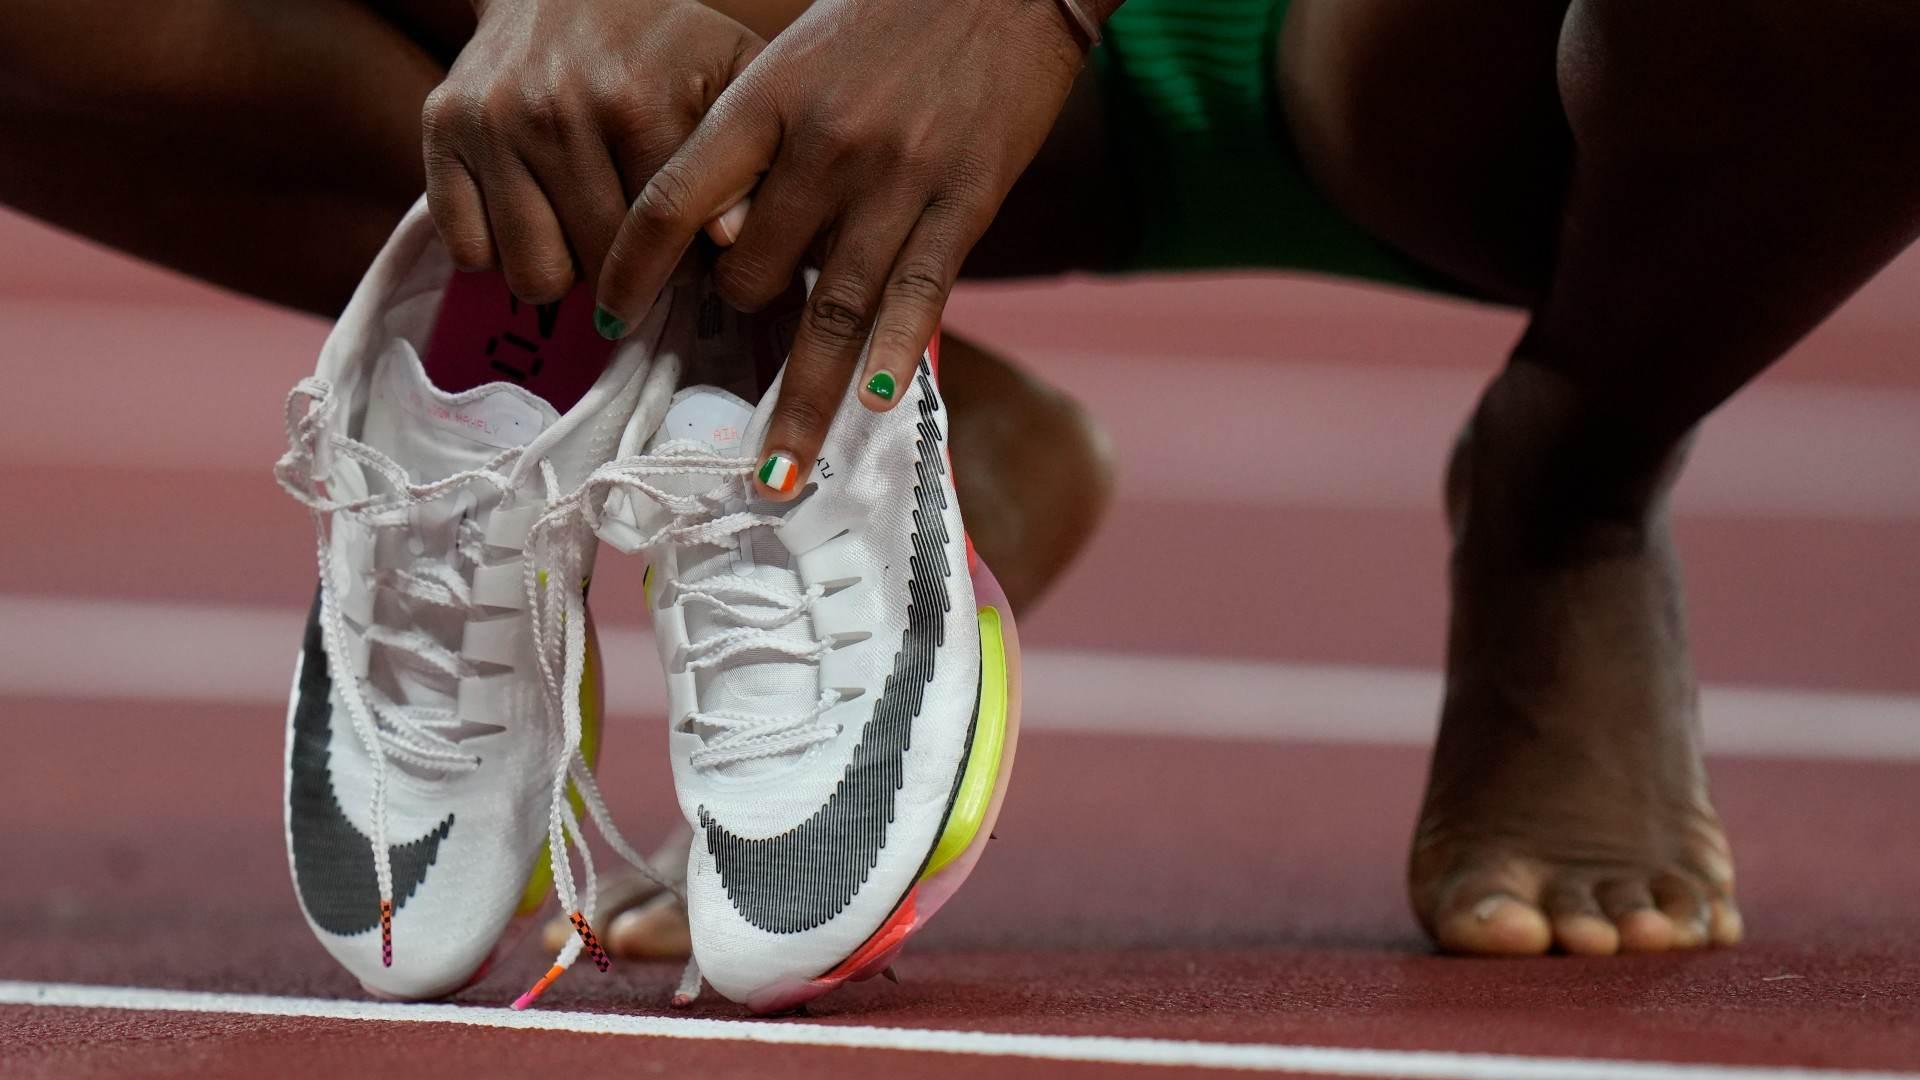 Tecnologia em calçado de atletas gera debate